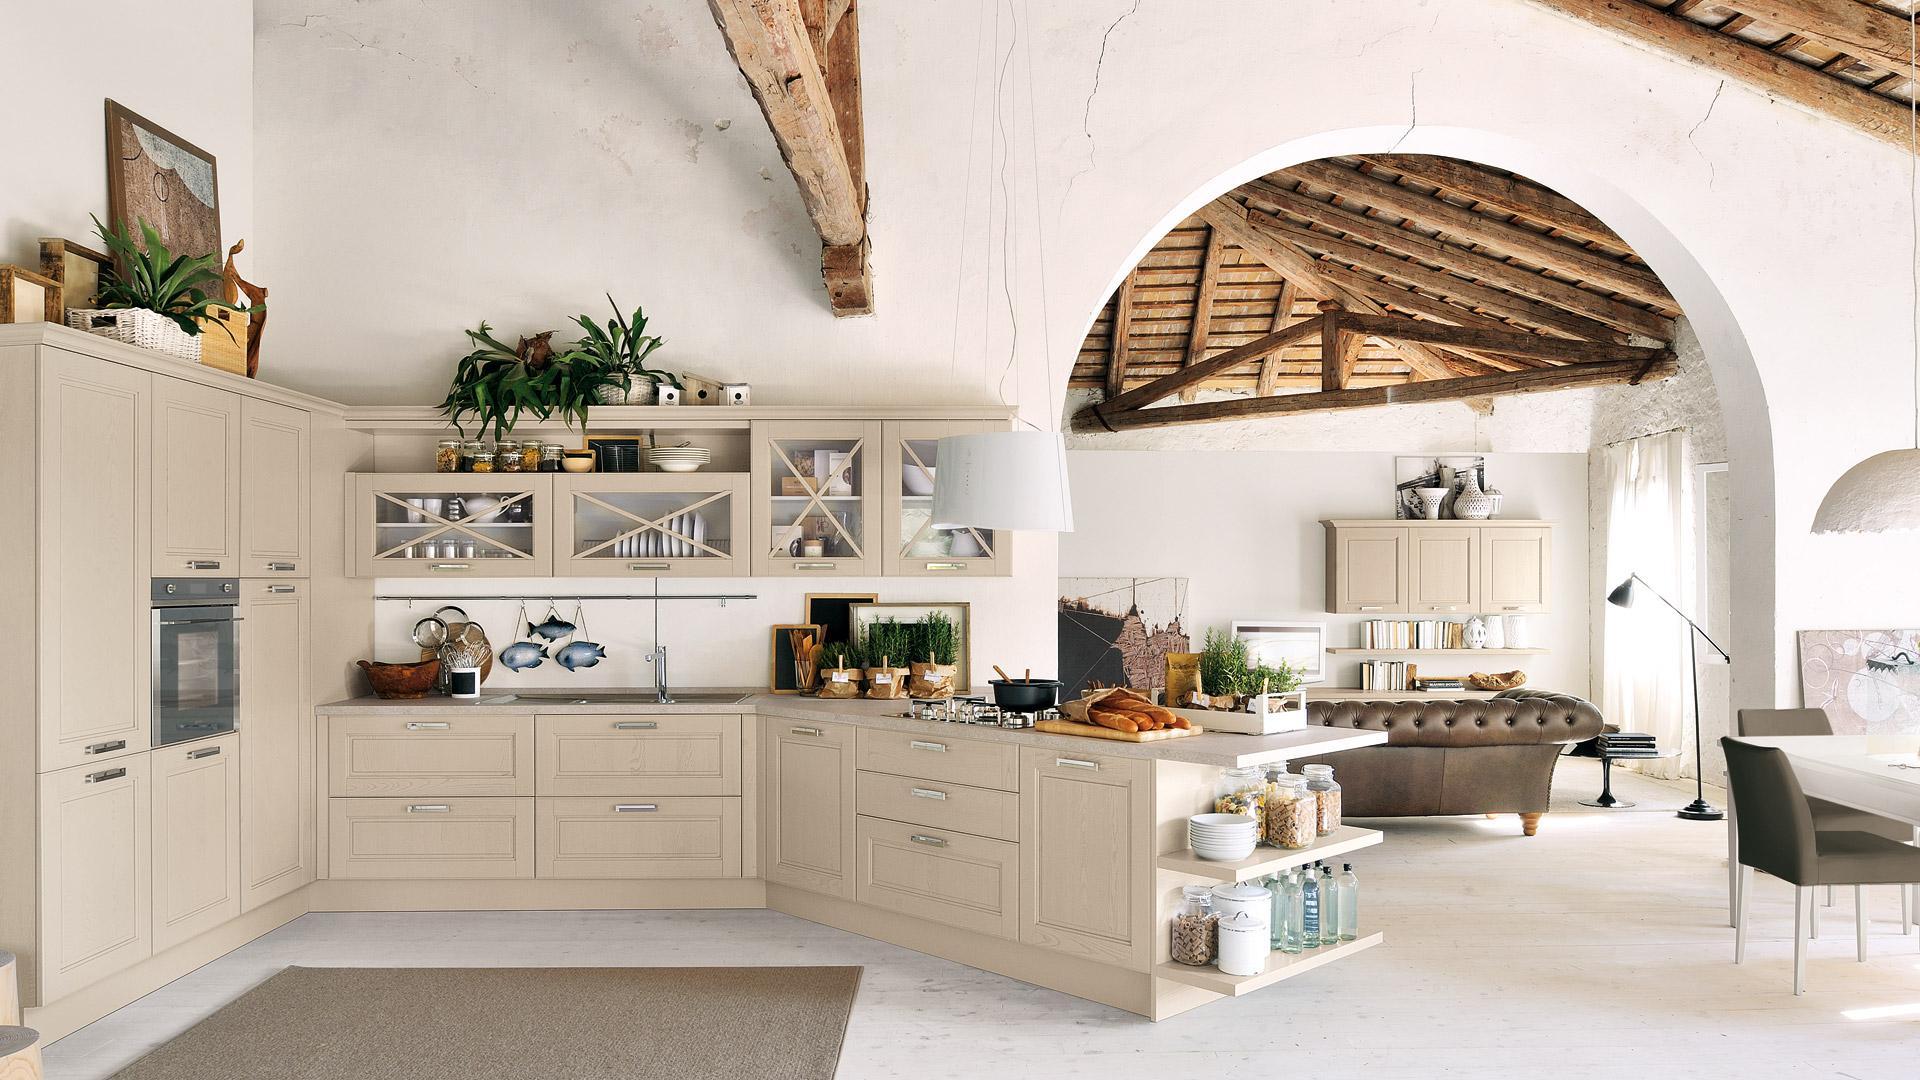 Cucina rustica, le soluzioni classiche di Lube Store per arredare ...